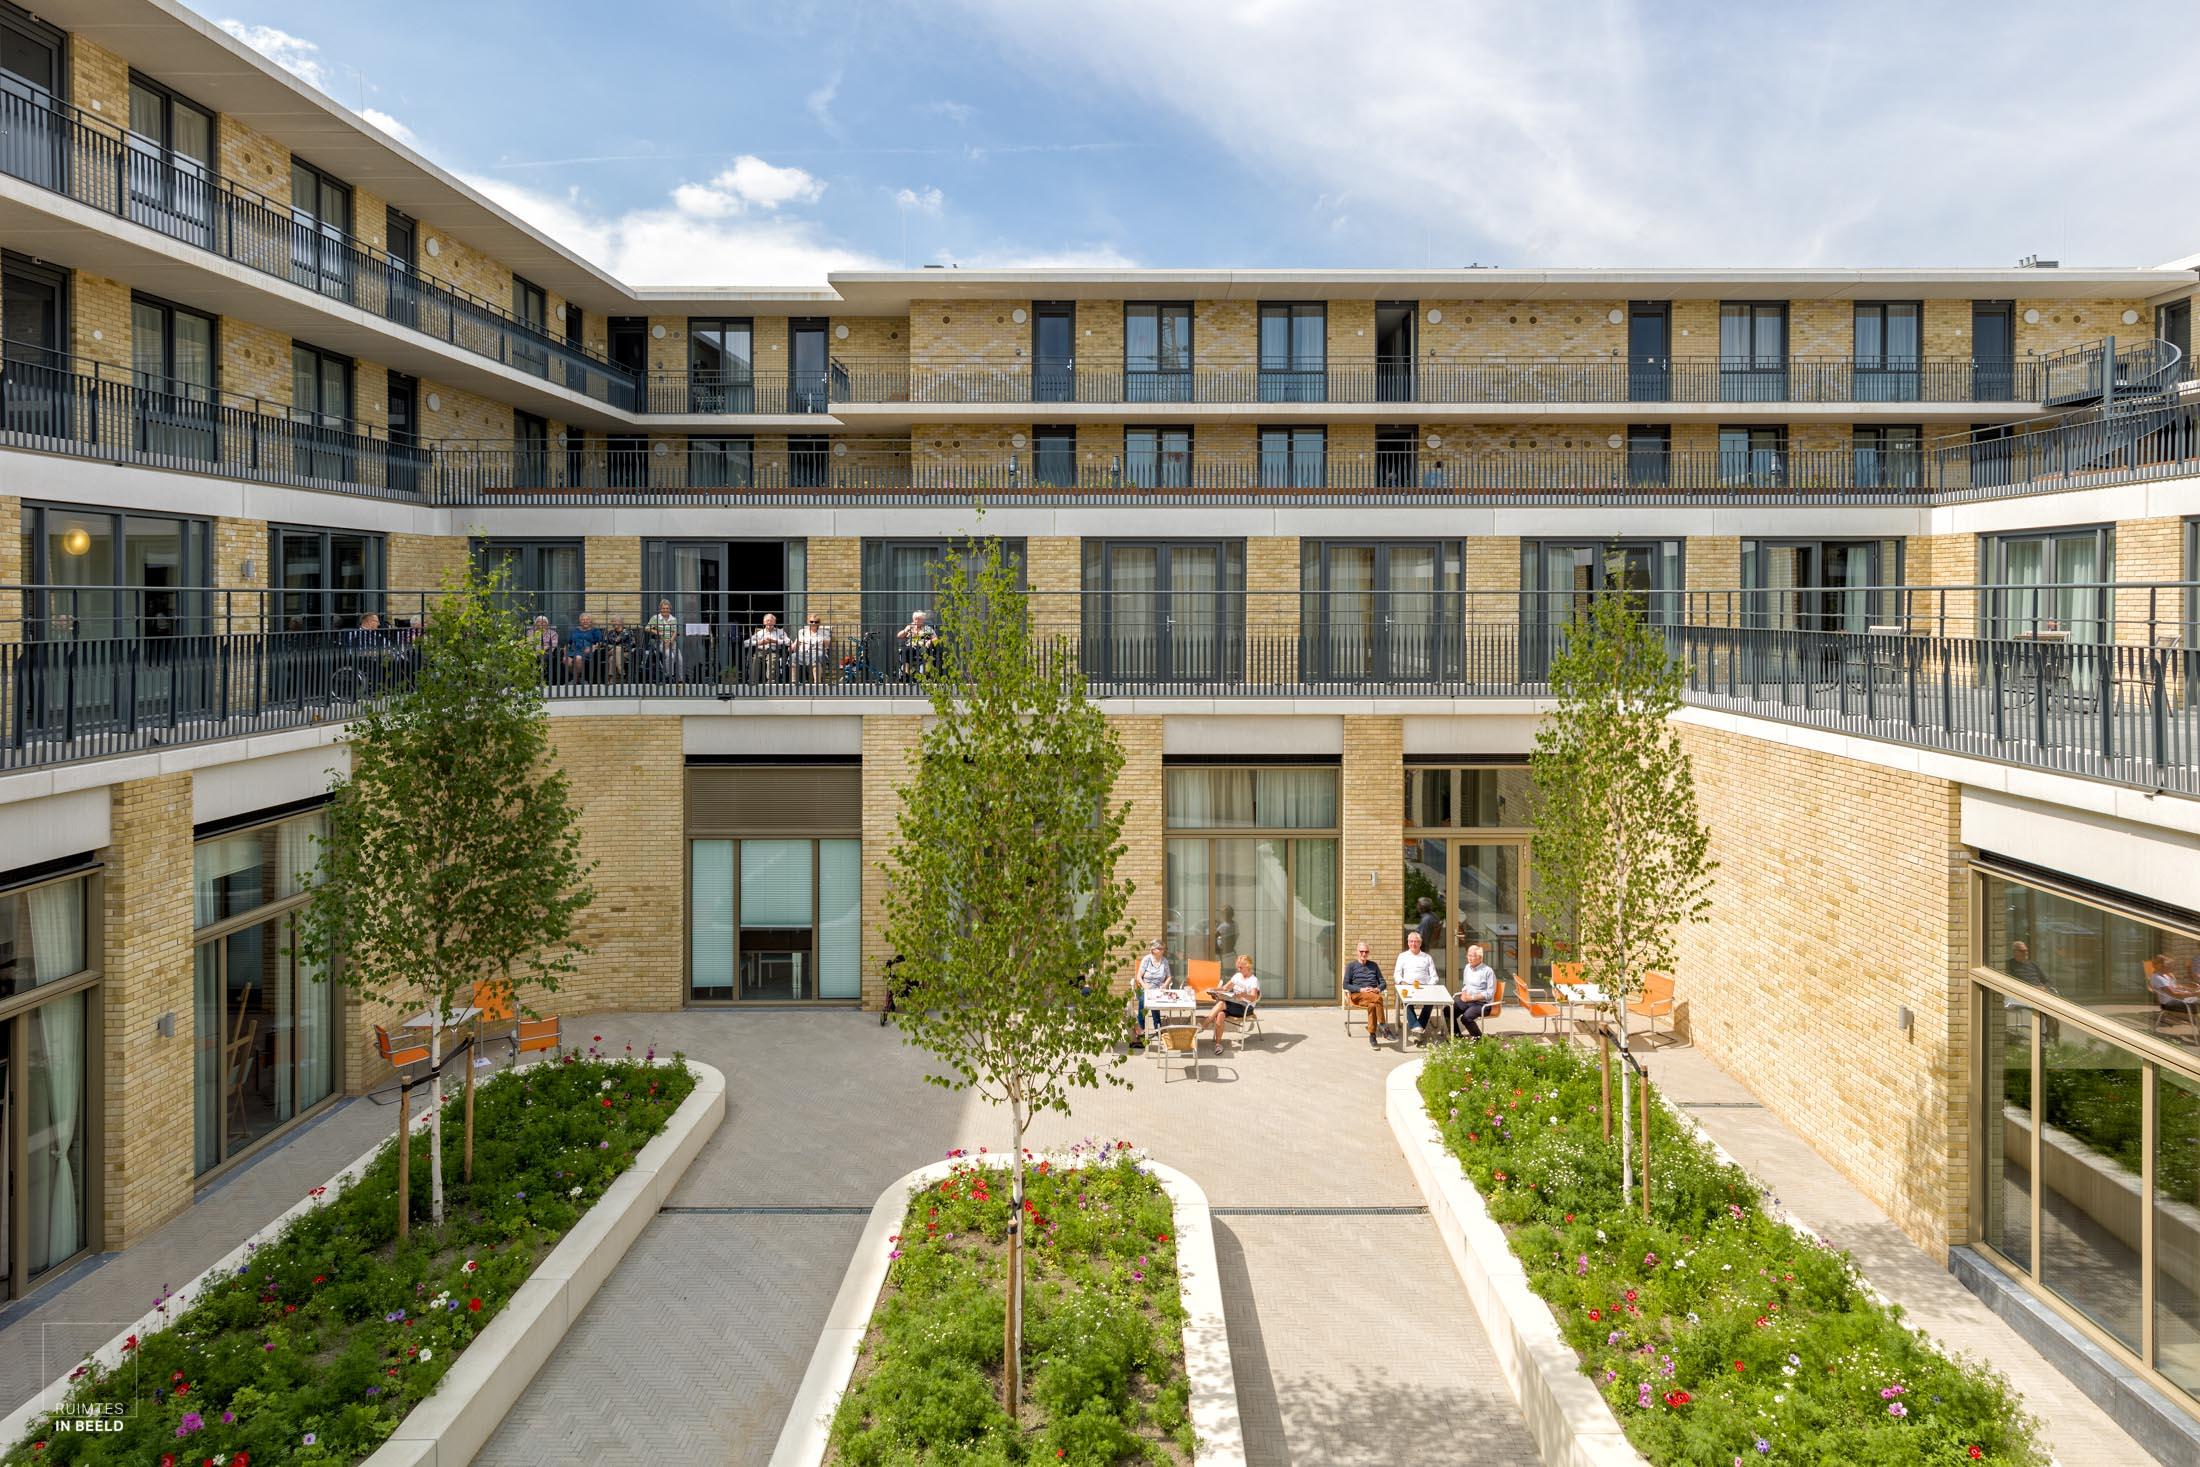 Bij het fotograferen van zorggebouwen is een van de uitdaging voor de architectuurfotograaf om levendigheid te tonen in gebouwen die vaak erg rustig zijn.